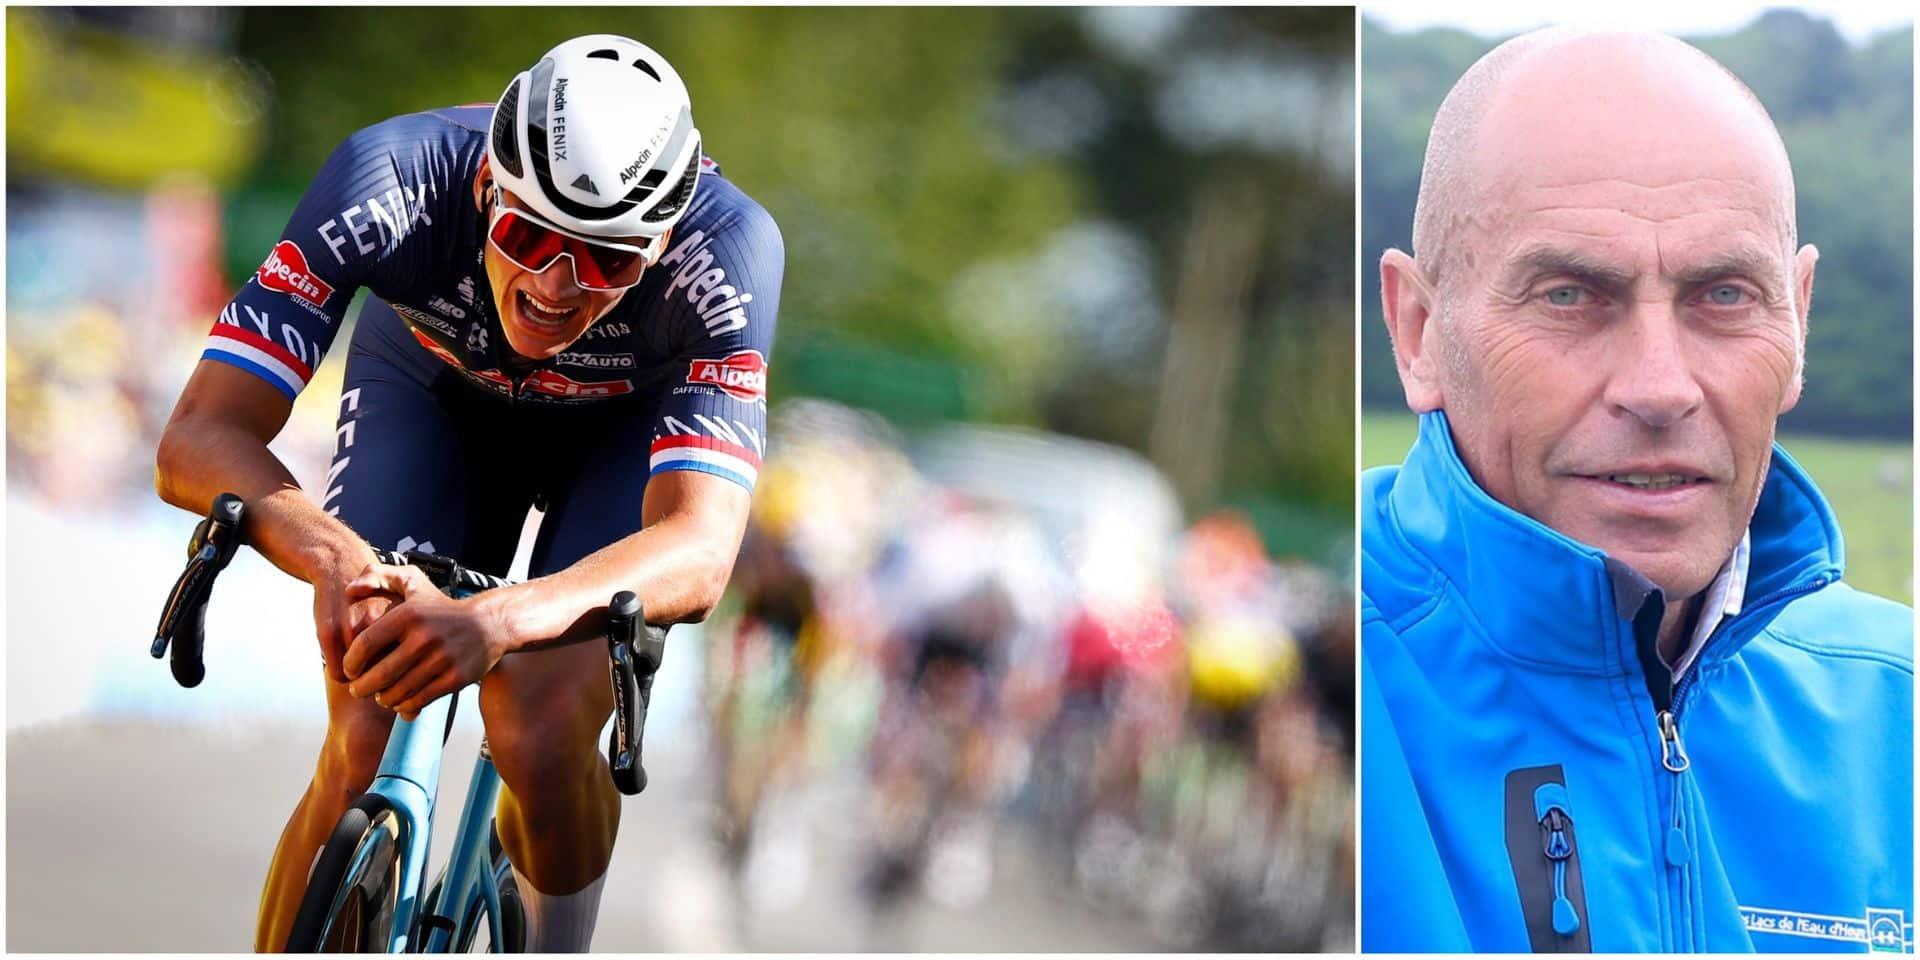 """Jean-Luc Vandenbroucke: """"Ces champions sont une aubaine pour le vélo"""""""